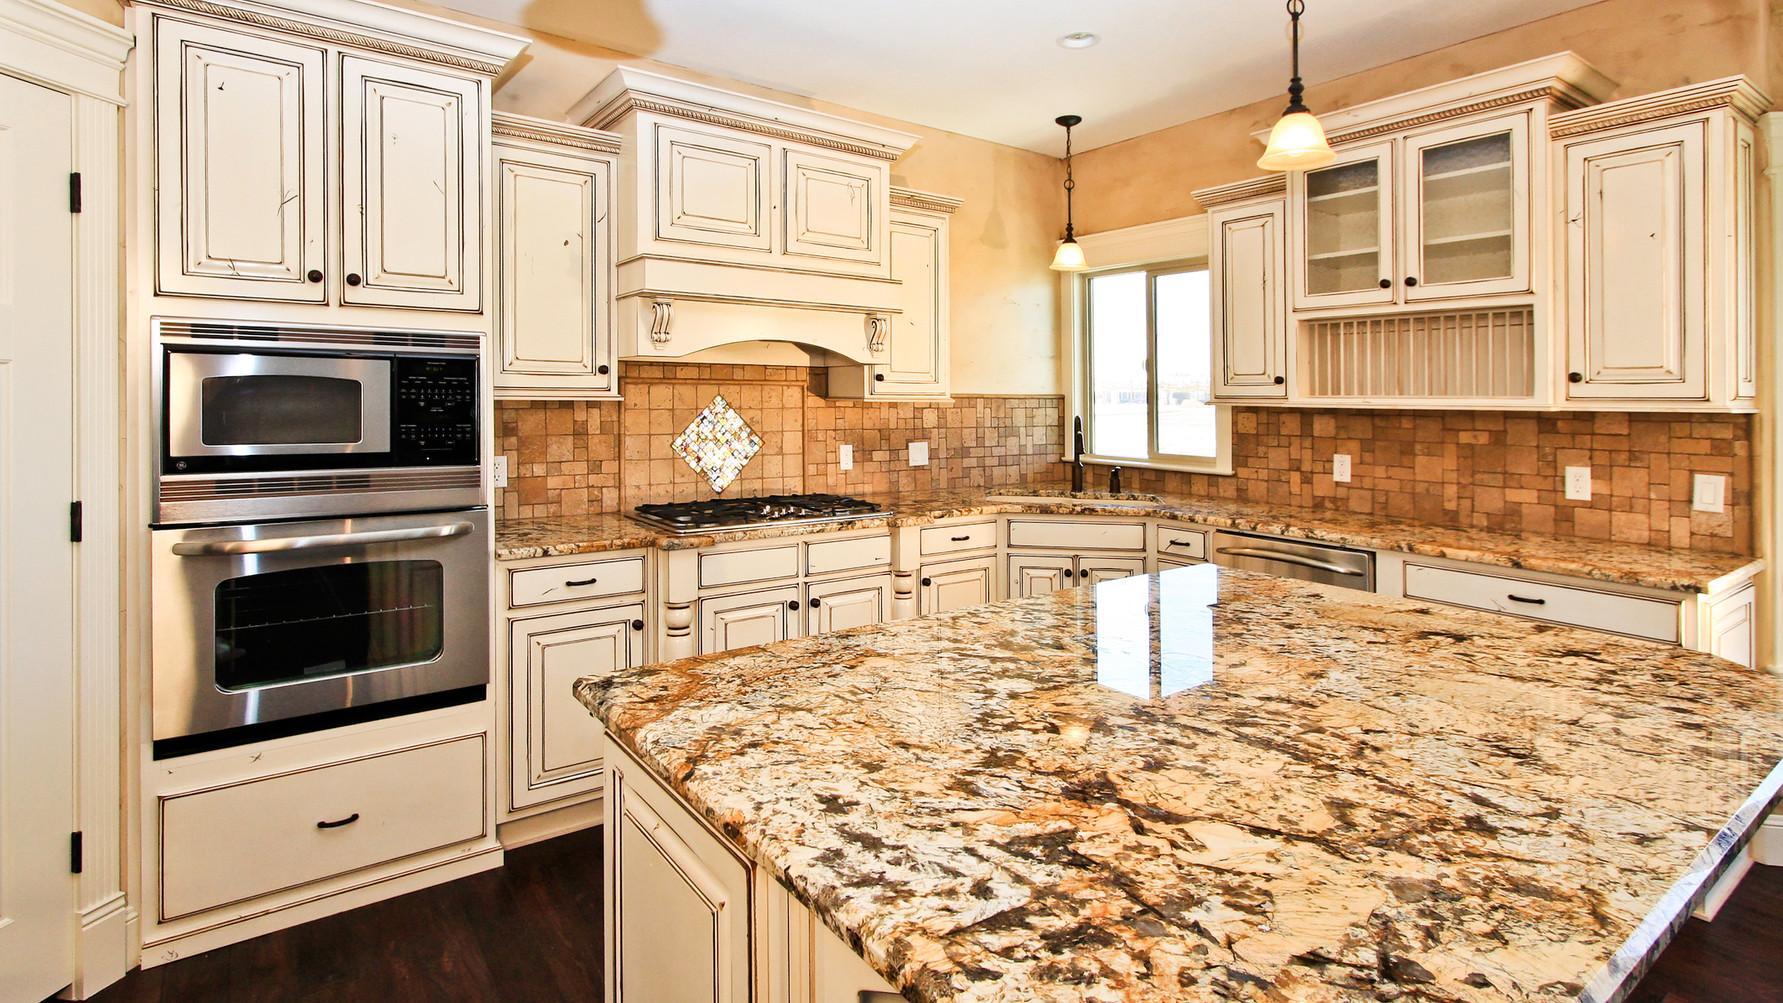 spacious-white-luxury-kitchen-5844995.jp